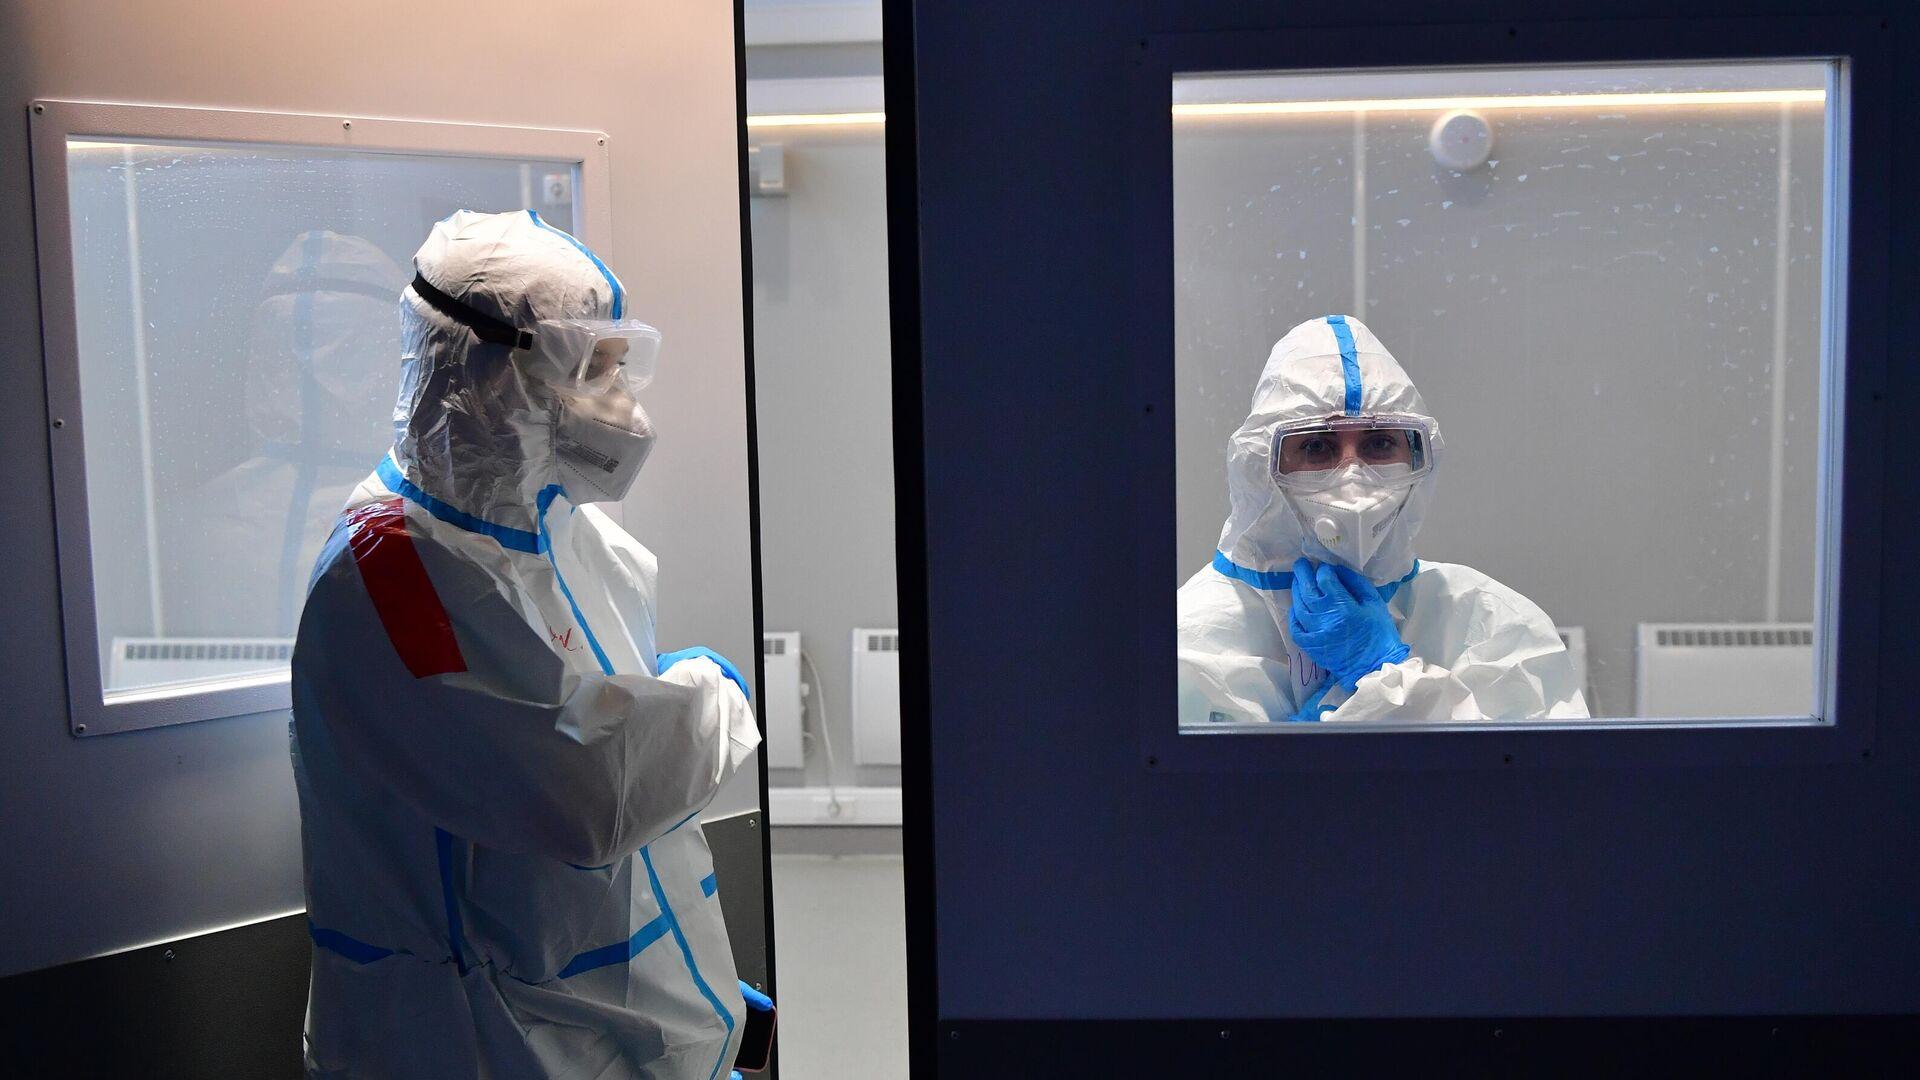 Медицинские работники во временном госпитале для пациентов с COVID-19 в конгрессно-выставочном центре Сокольники в Москве - РИА Новости, 1920, 24.07.2021